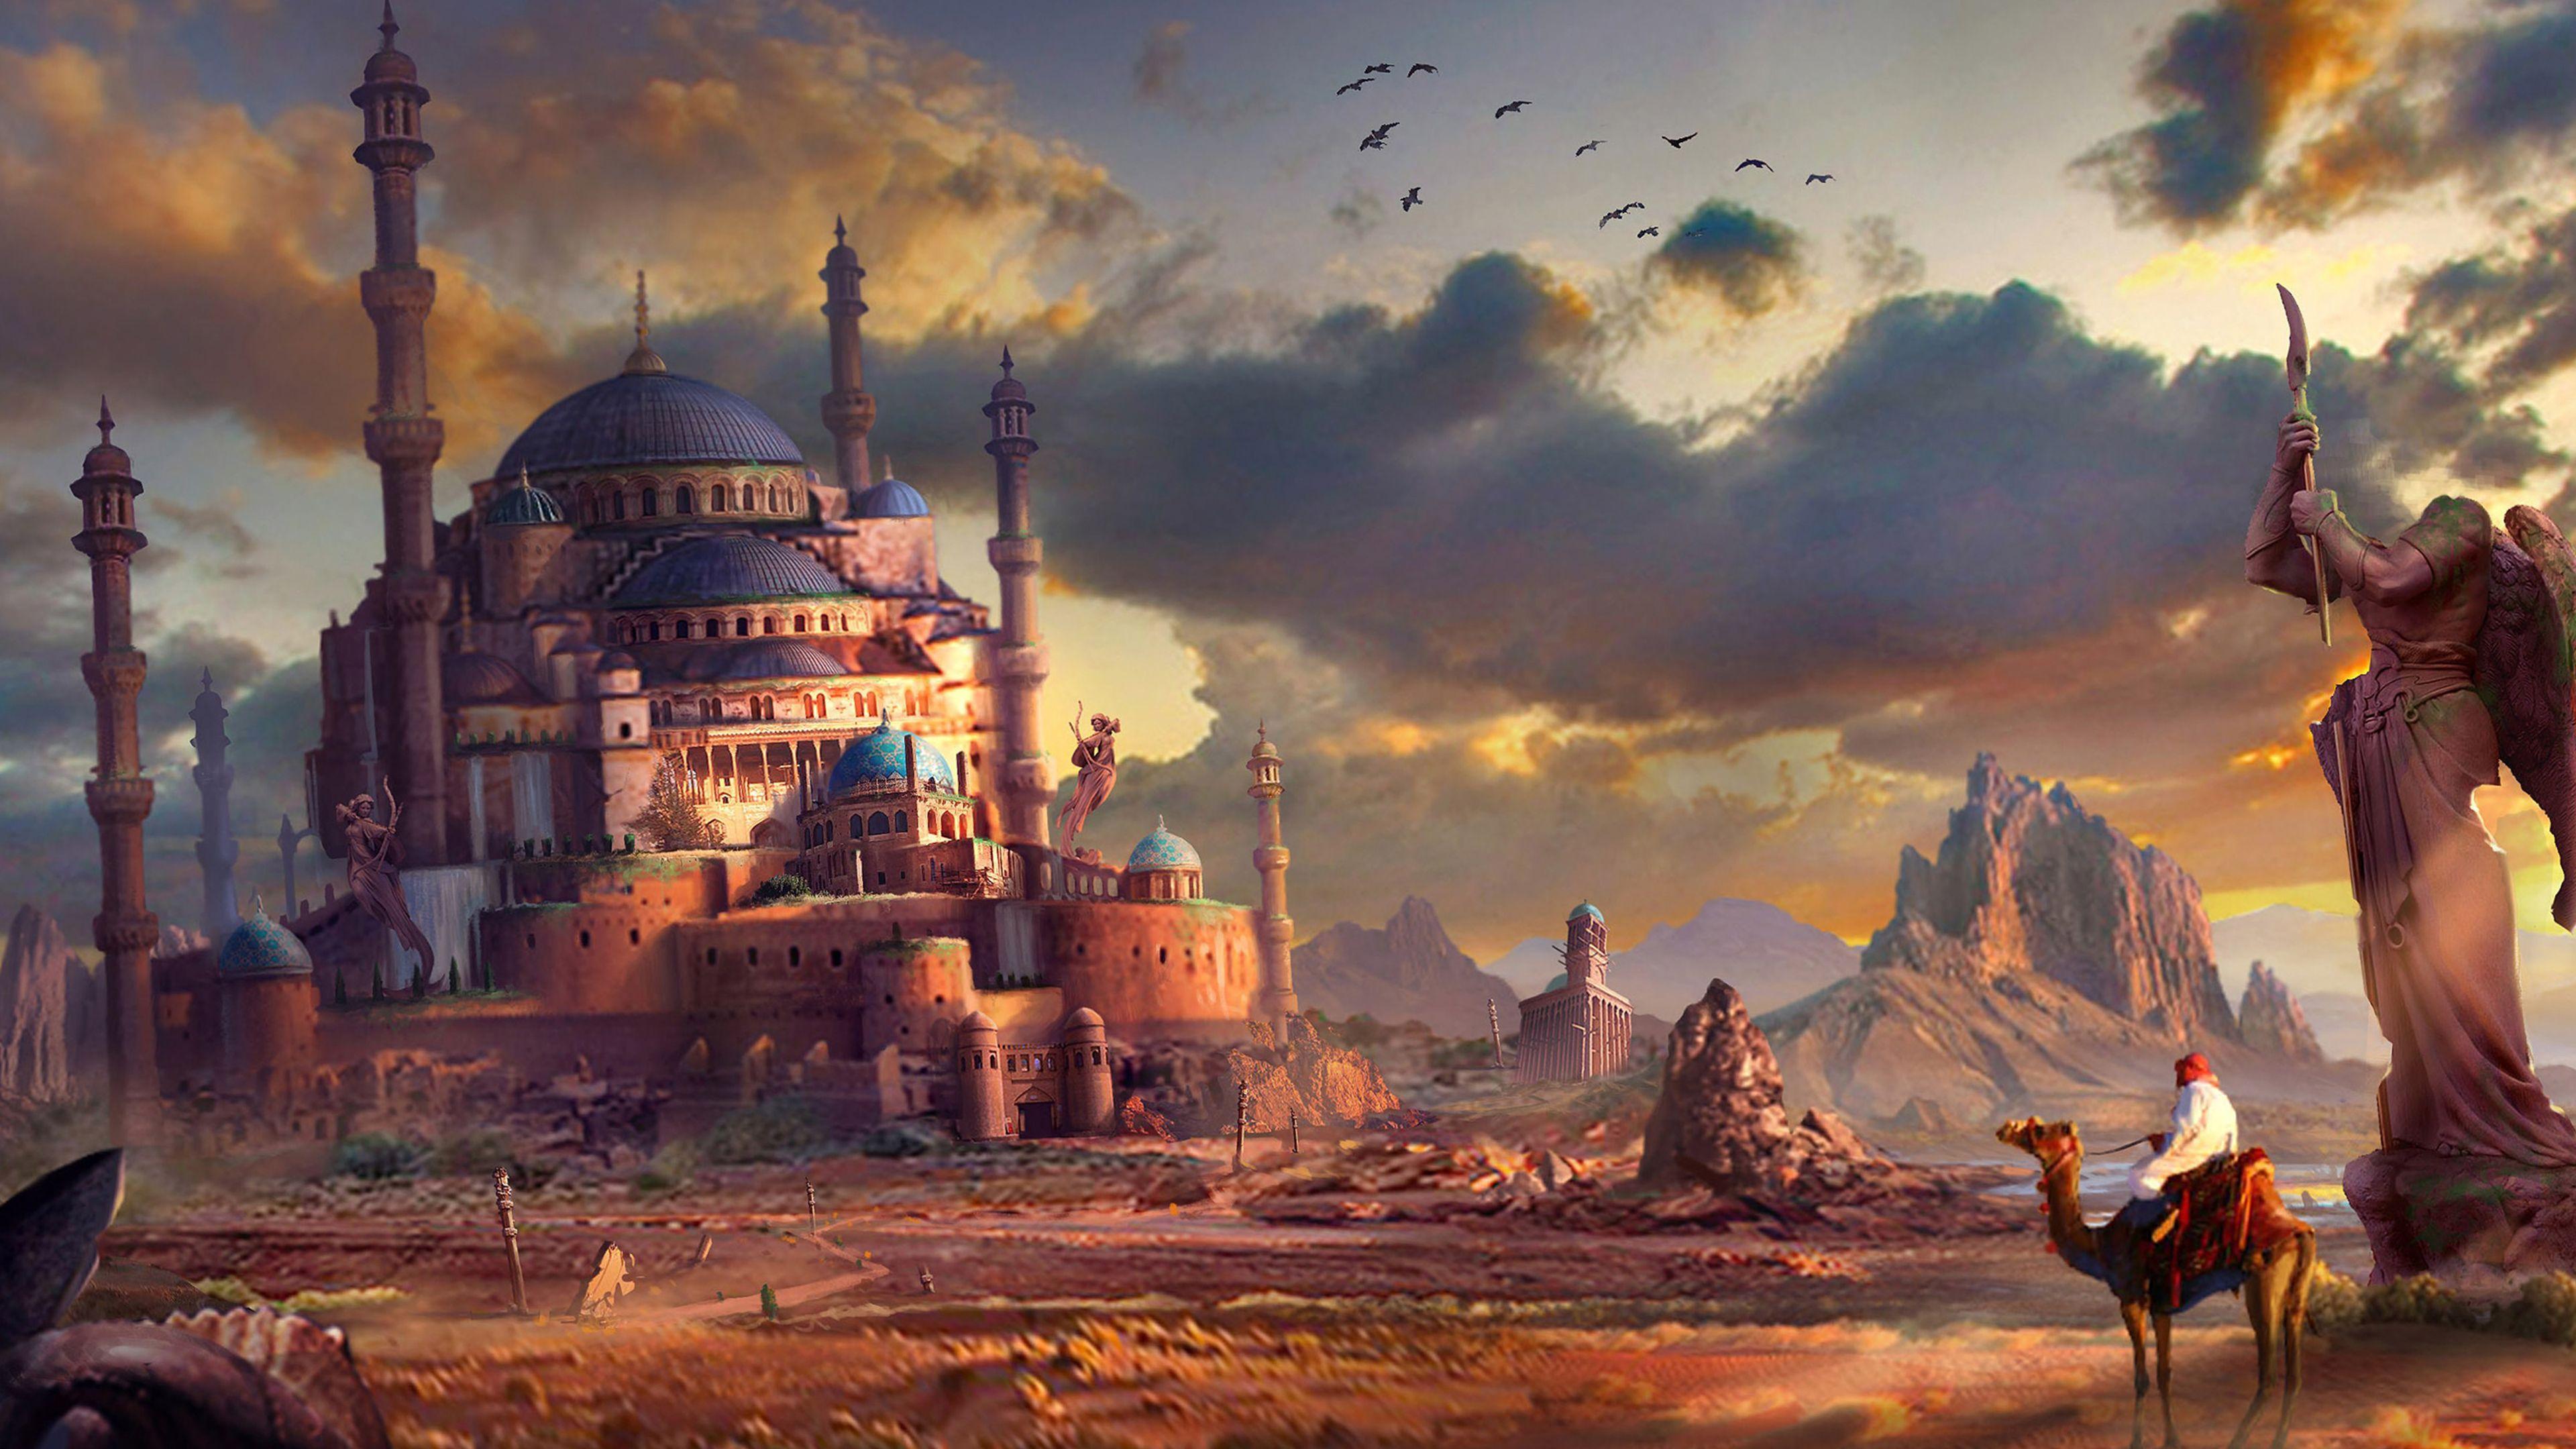 Arabian Desktop Wallpapers   Top Arabian Desktop Backgrounds 3840x2160